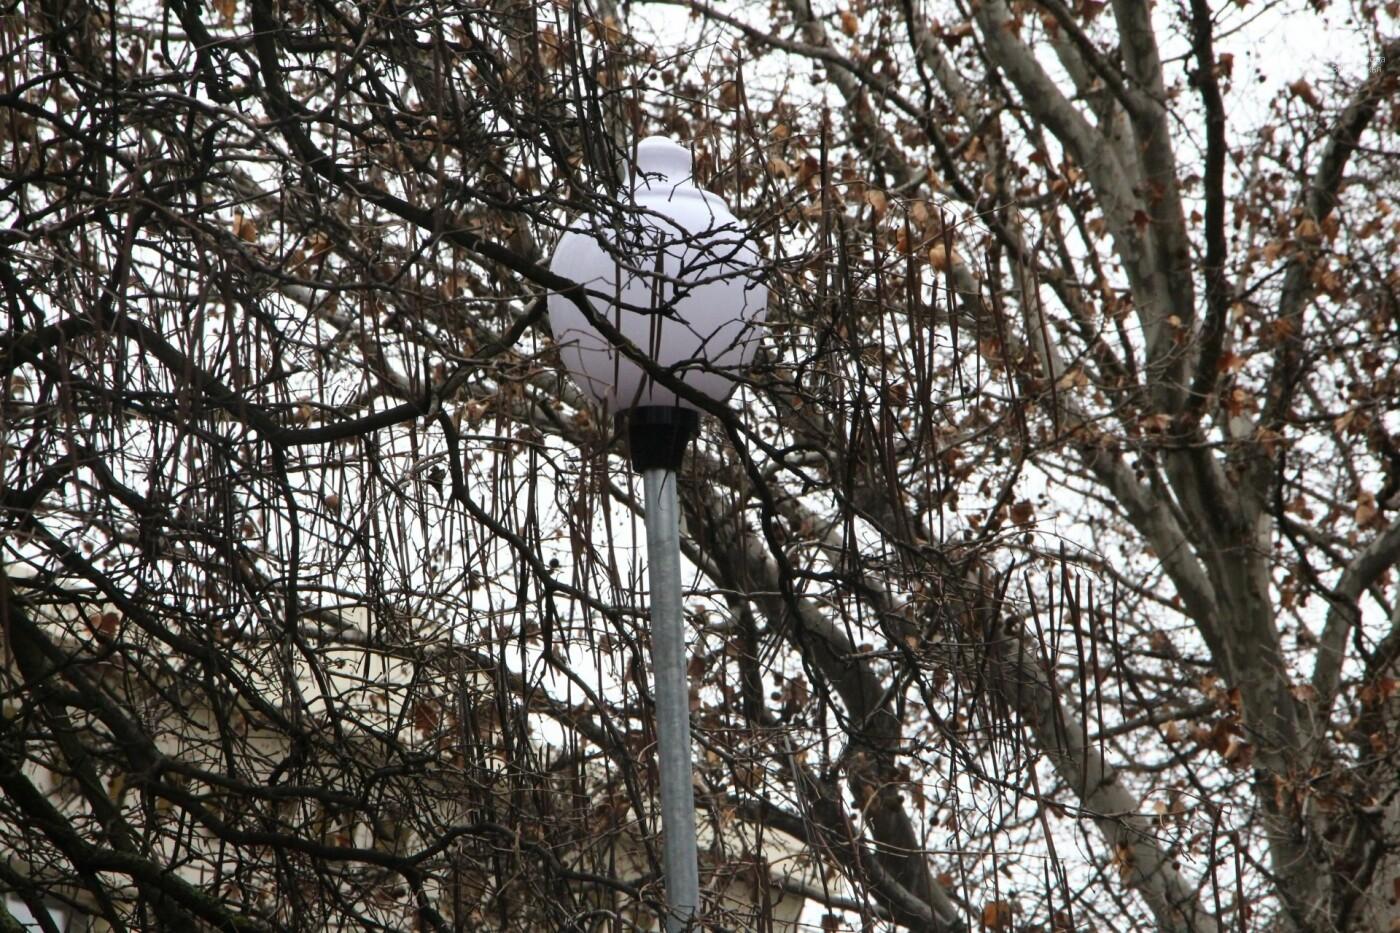 В Запорожье на Металлургов установили новую систему освещения с LED-светильниками, фото-5